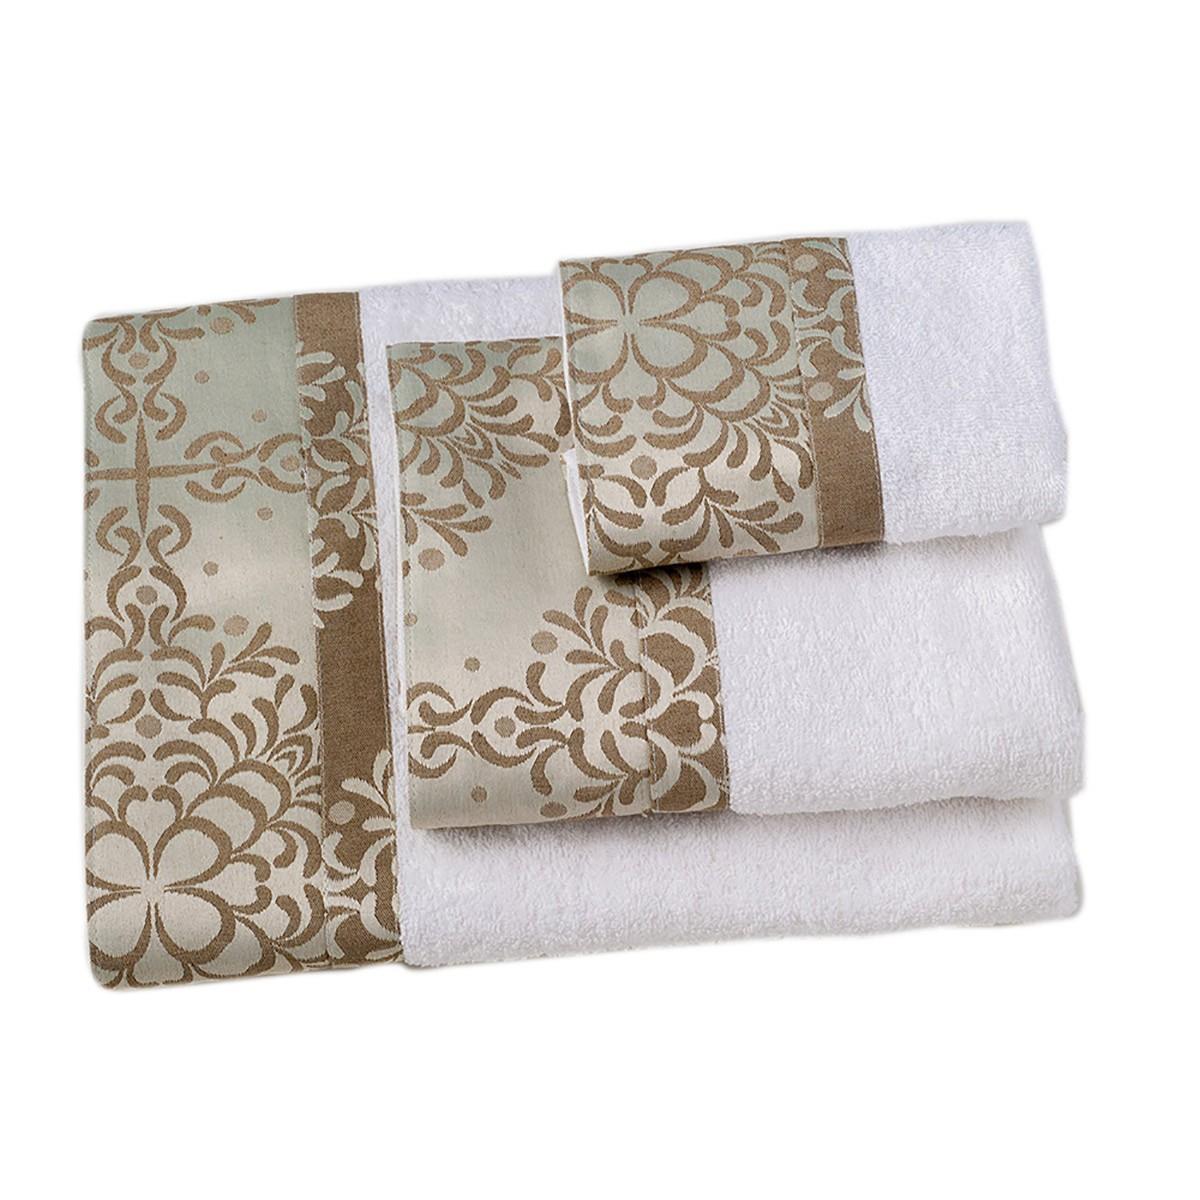 Πετσέτες Μπάνιου (Σετ 3τμχ) Omega Home Des 126